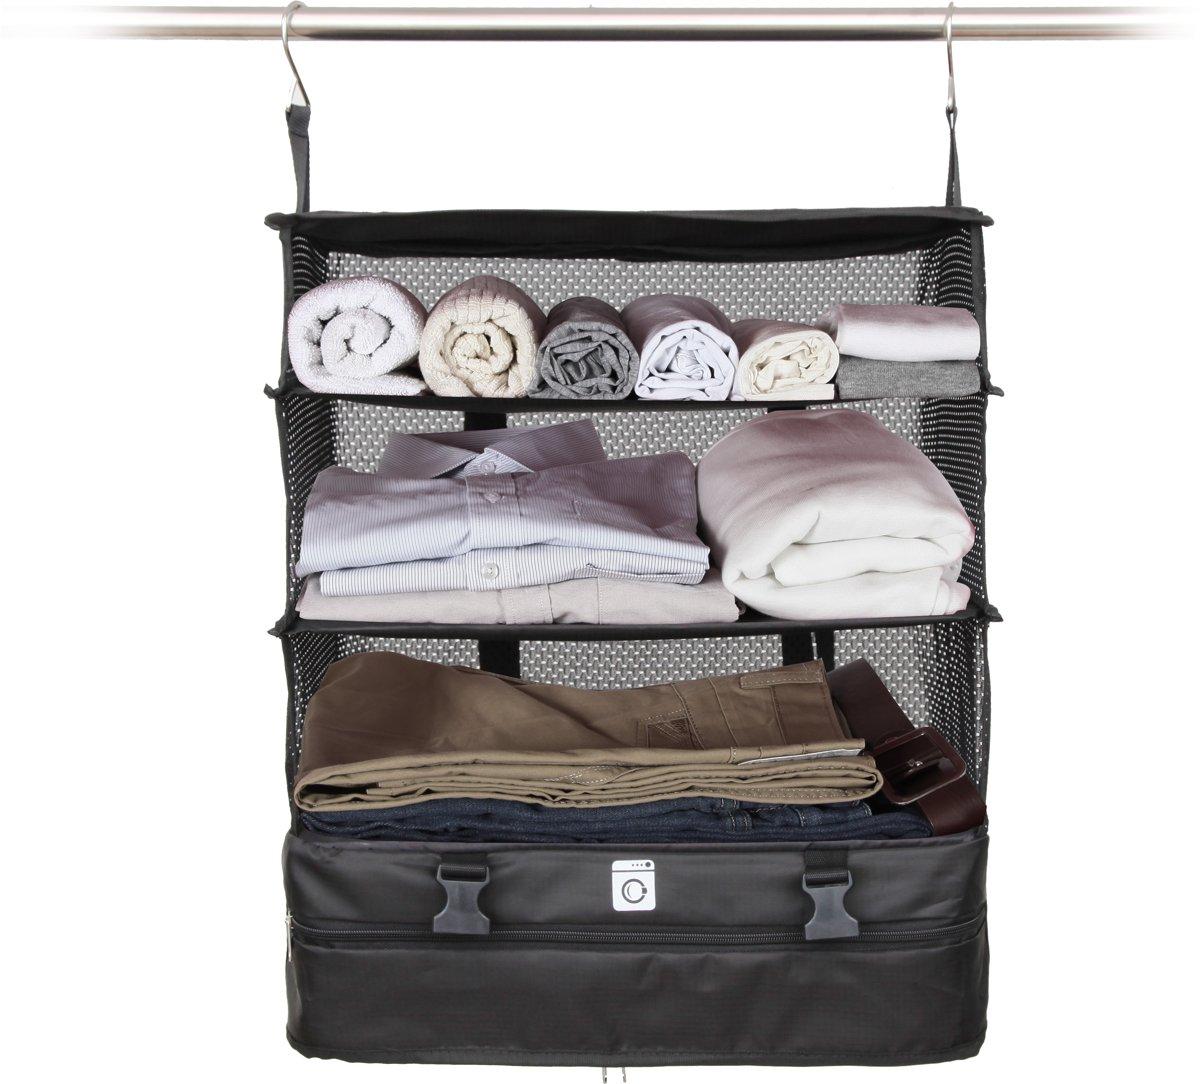 TravelZ - Koffer organiser - Packingcube orginaser - Kleding orginaser - Inpakbare kast - Opvouwbaar - Bespaar 30% ruimte - Uniek Reisaccessoire kopen